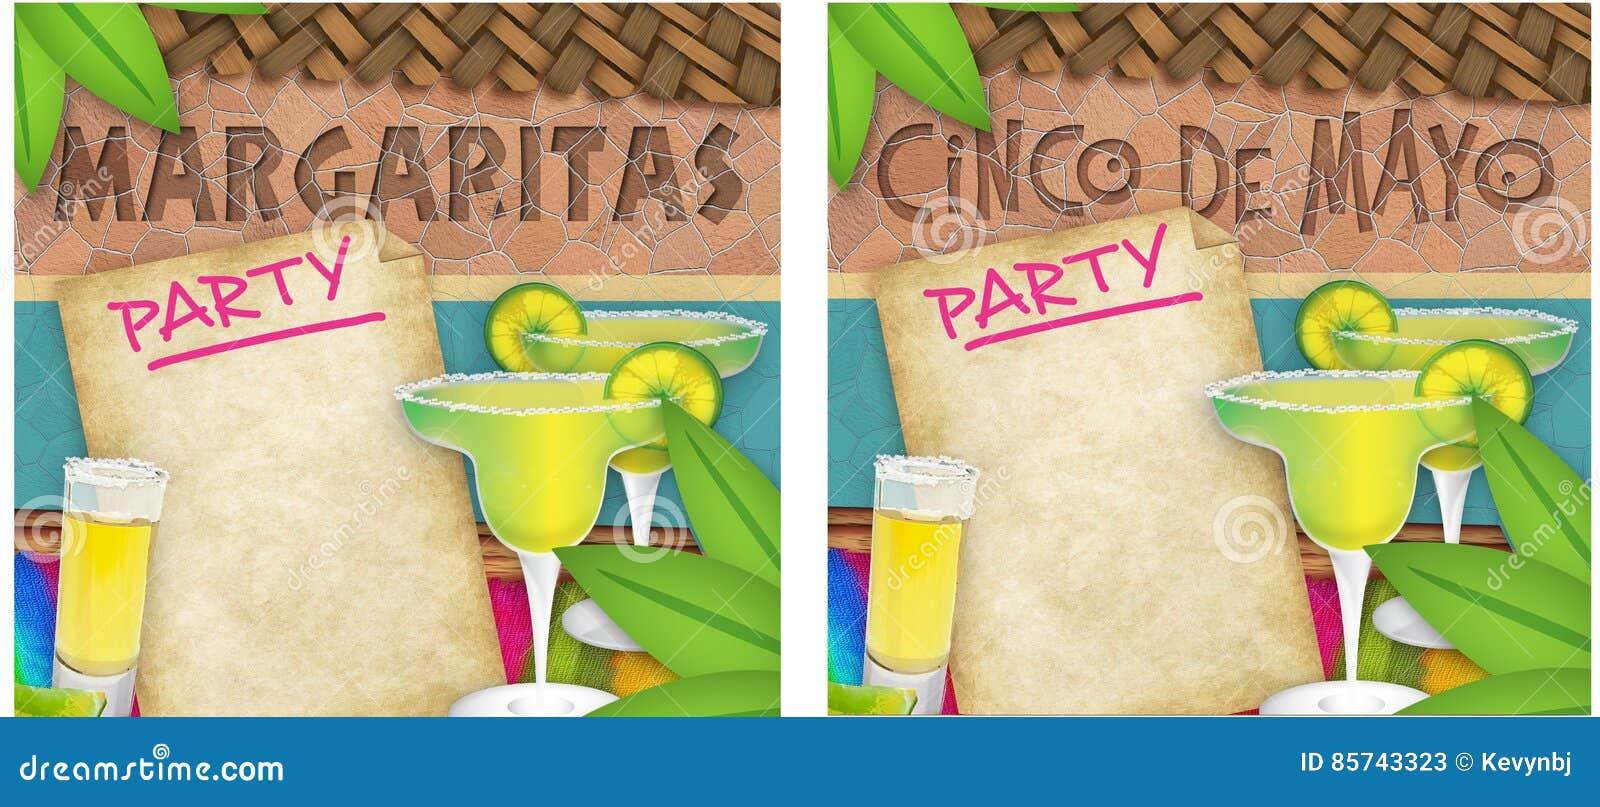 Cinco De Mayo Margarita Party